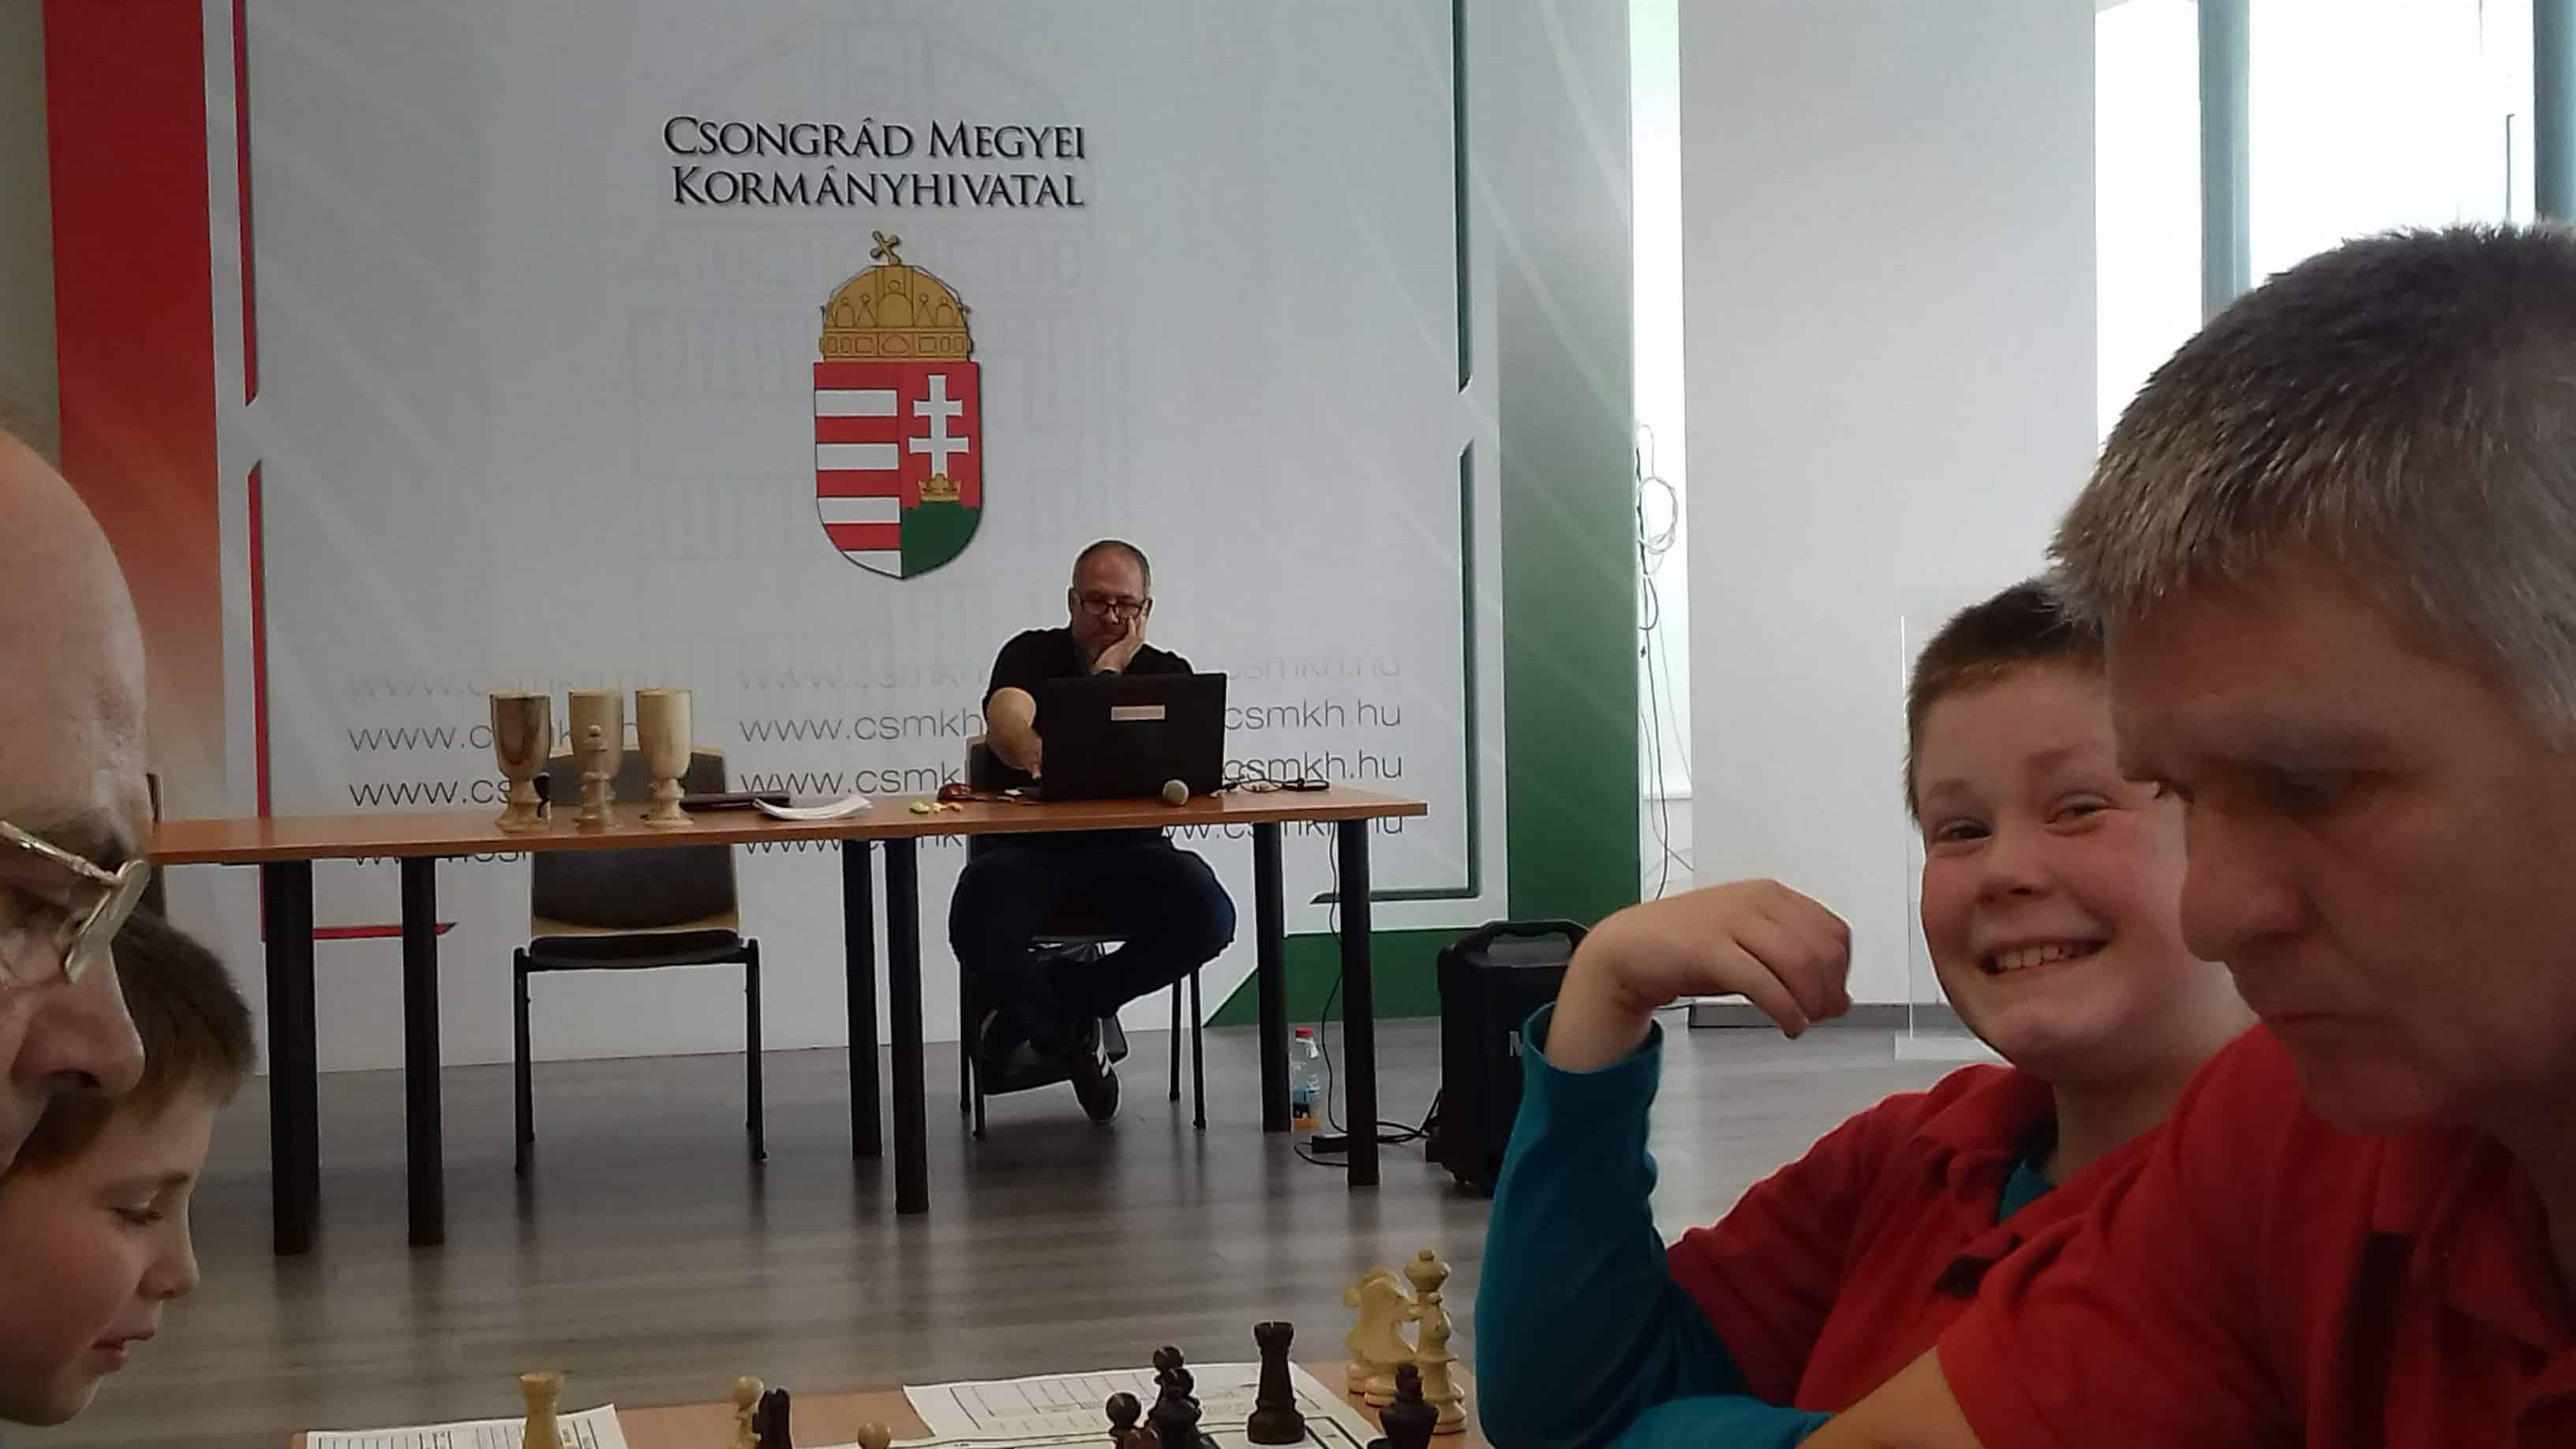 Fakupa sakk amatőr verseny